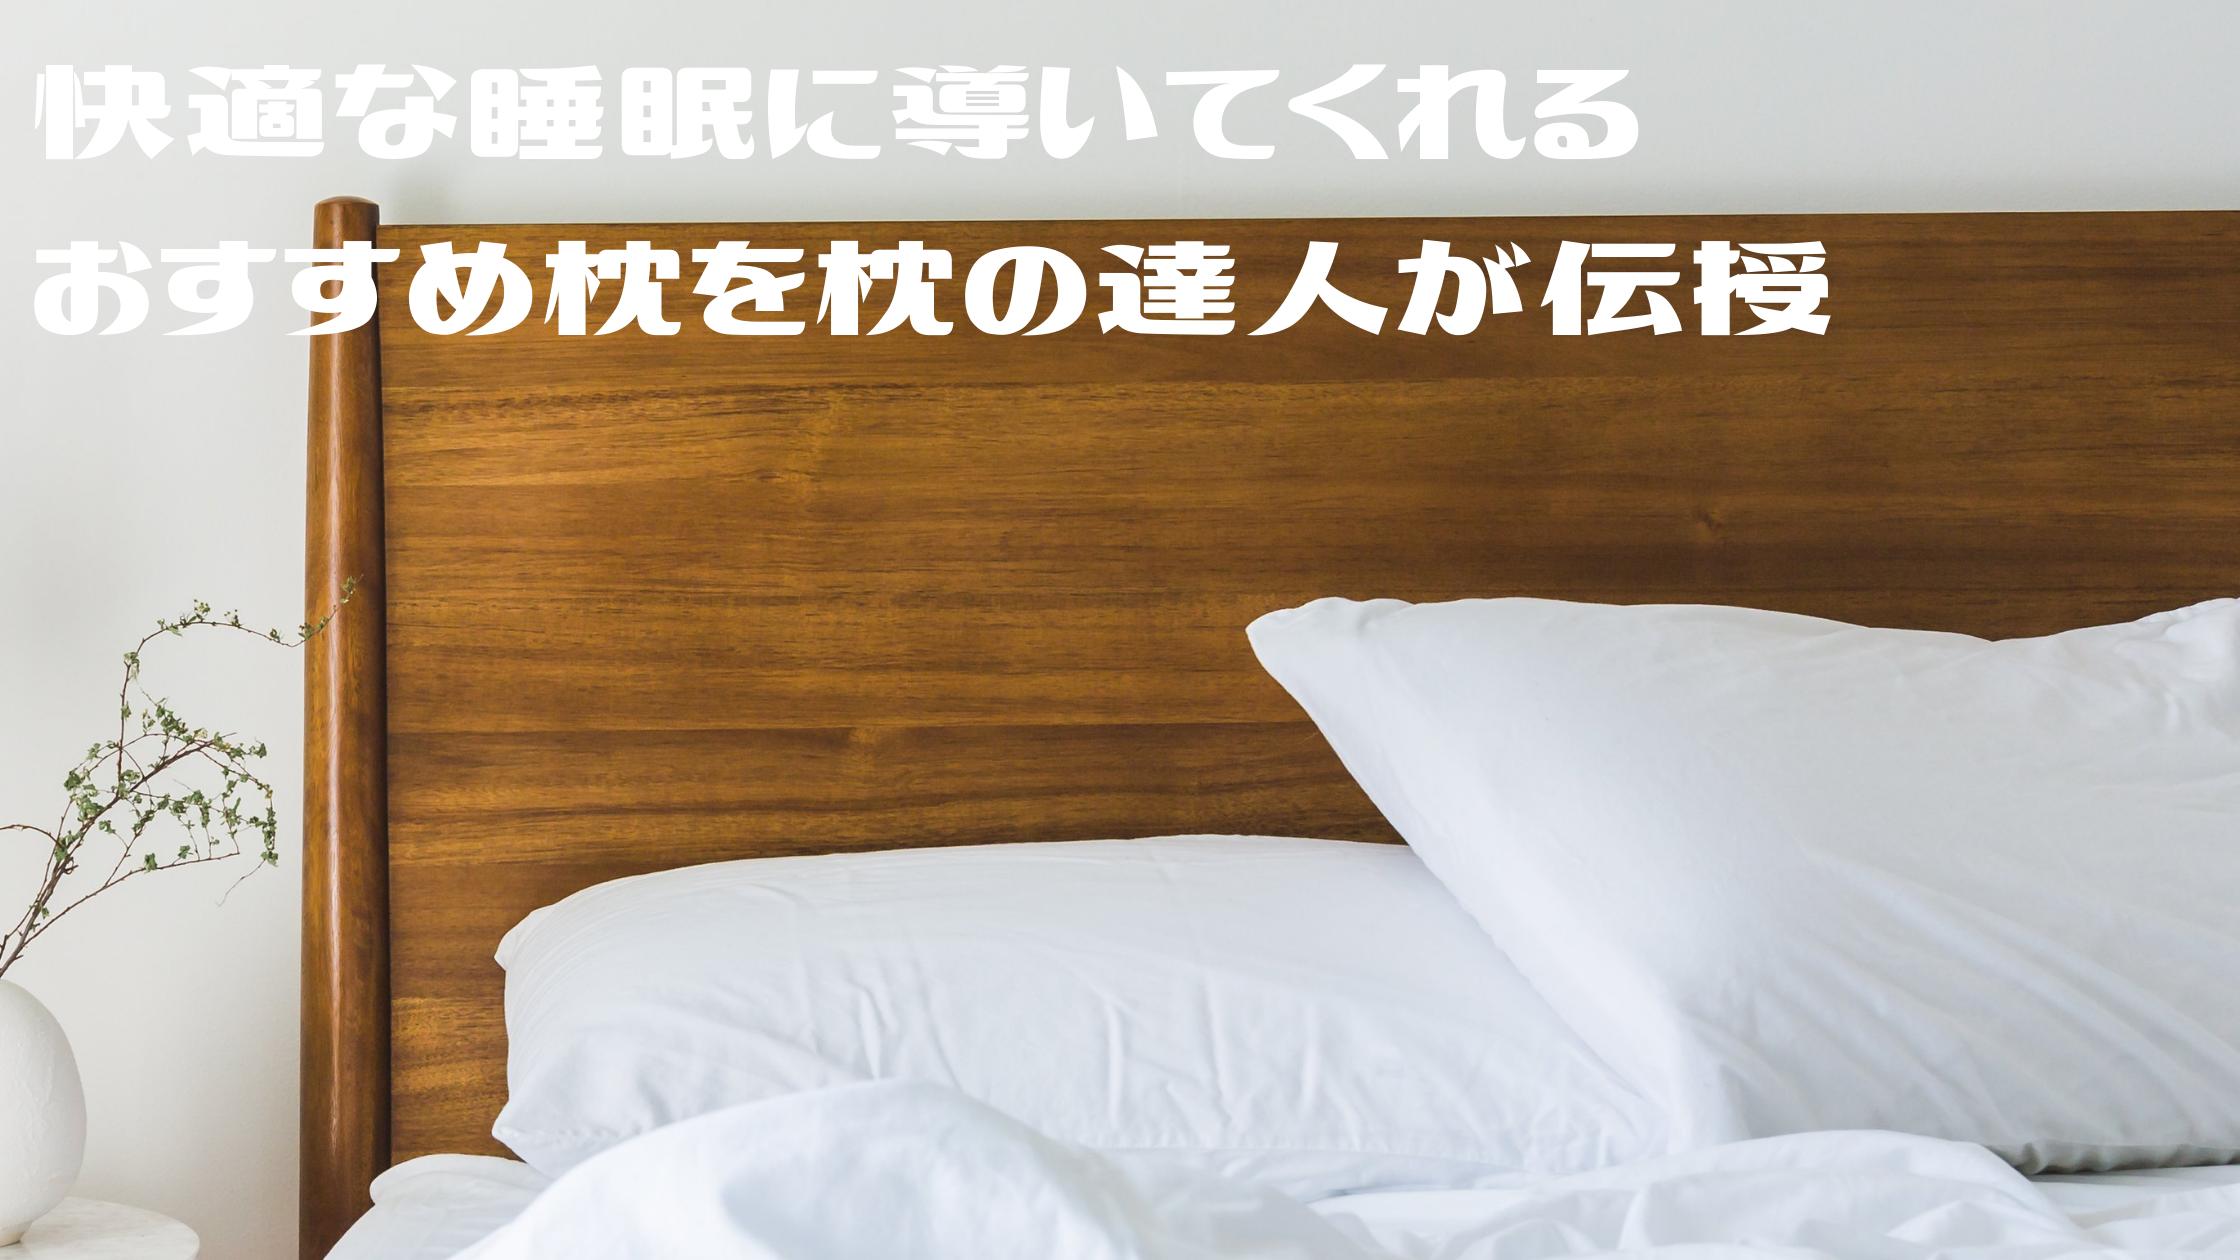 【王様のブランチ】枕の達人が伝授『理想的な15度枕』『ジェルトロンピロー』『枕を使わない人の枕』